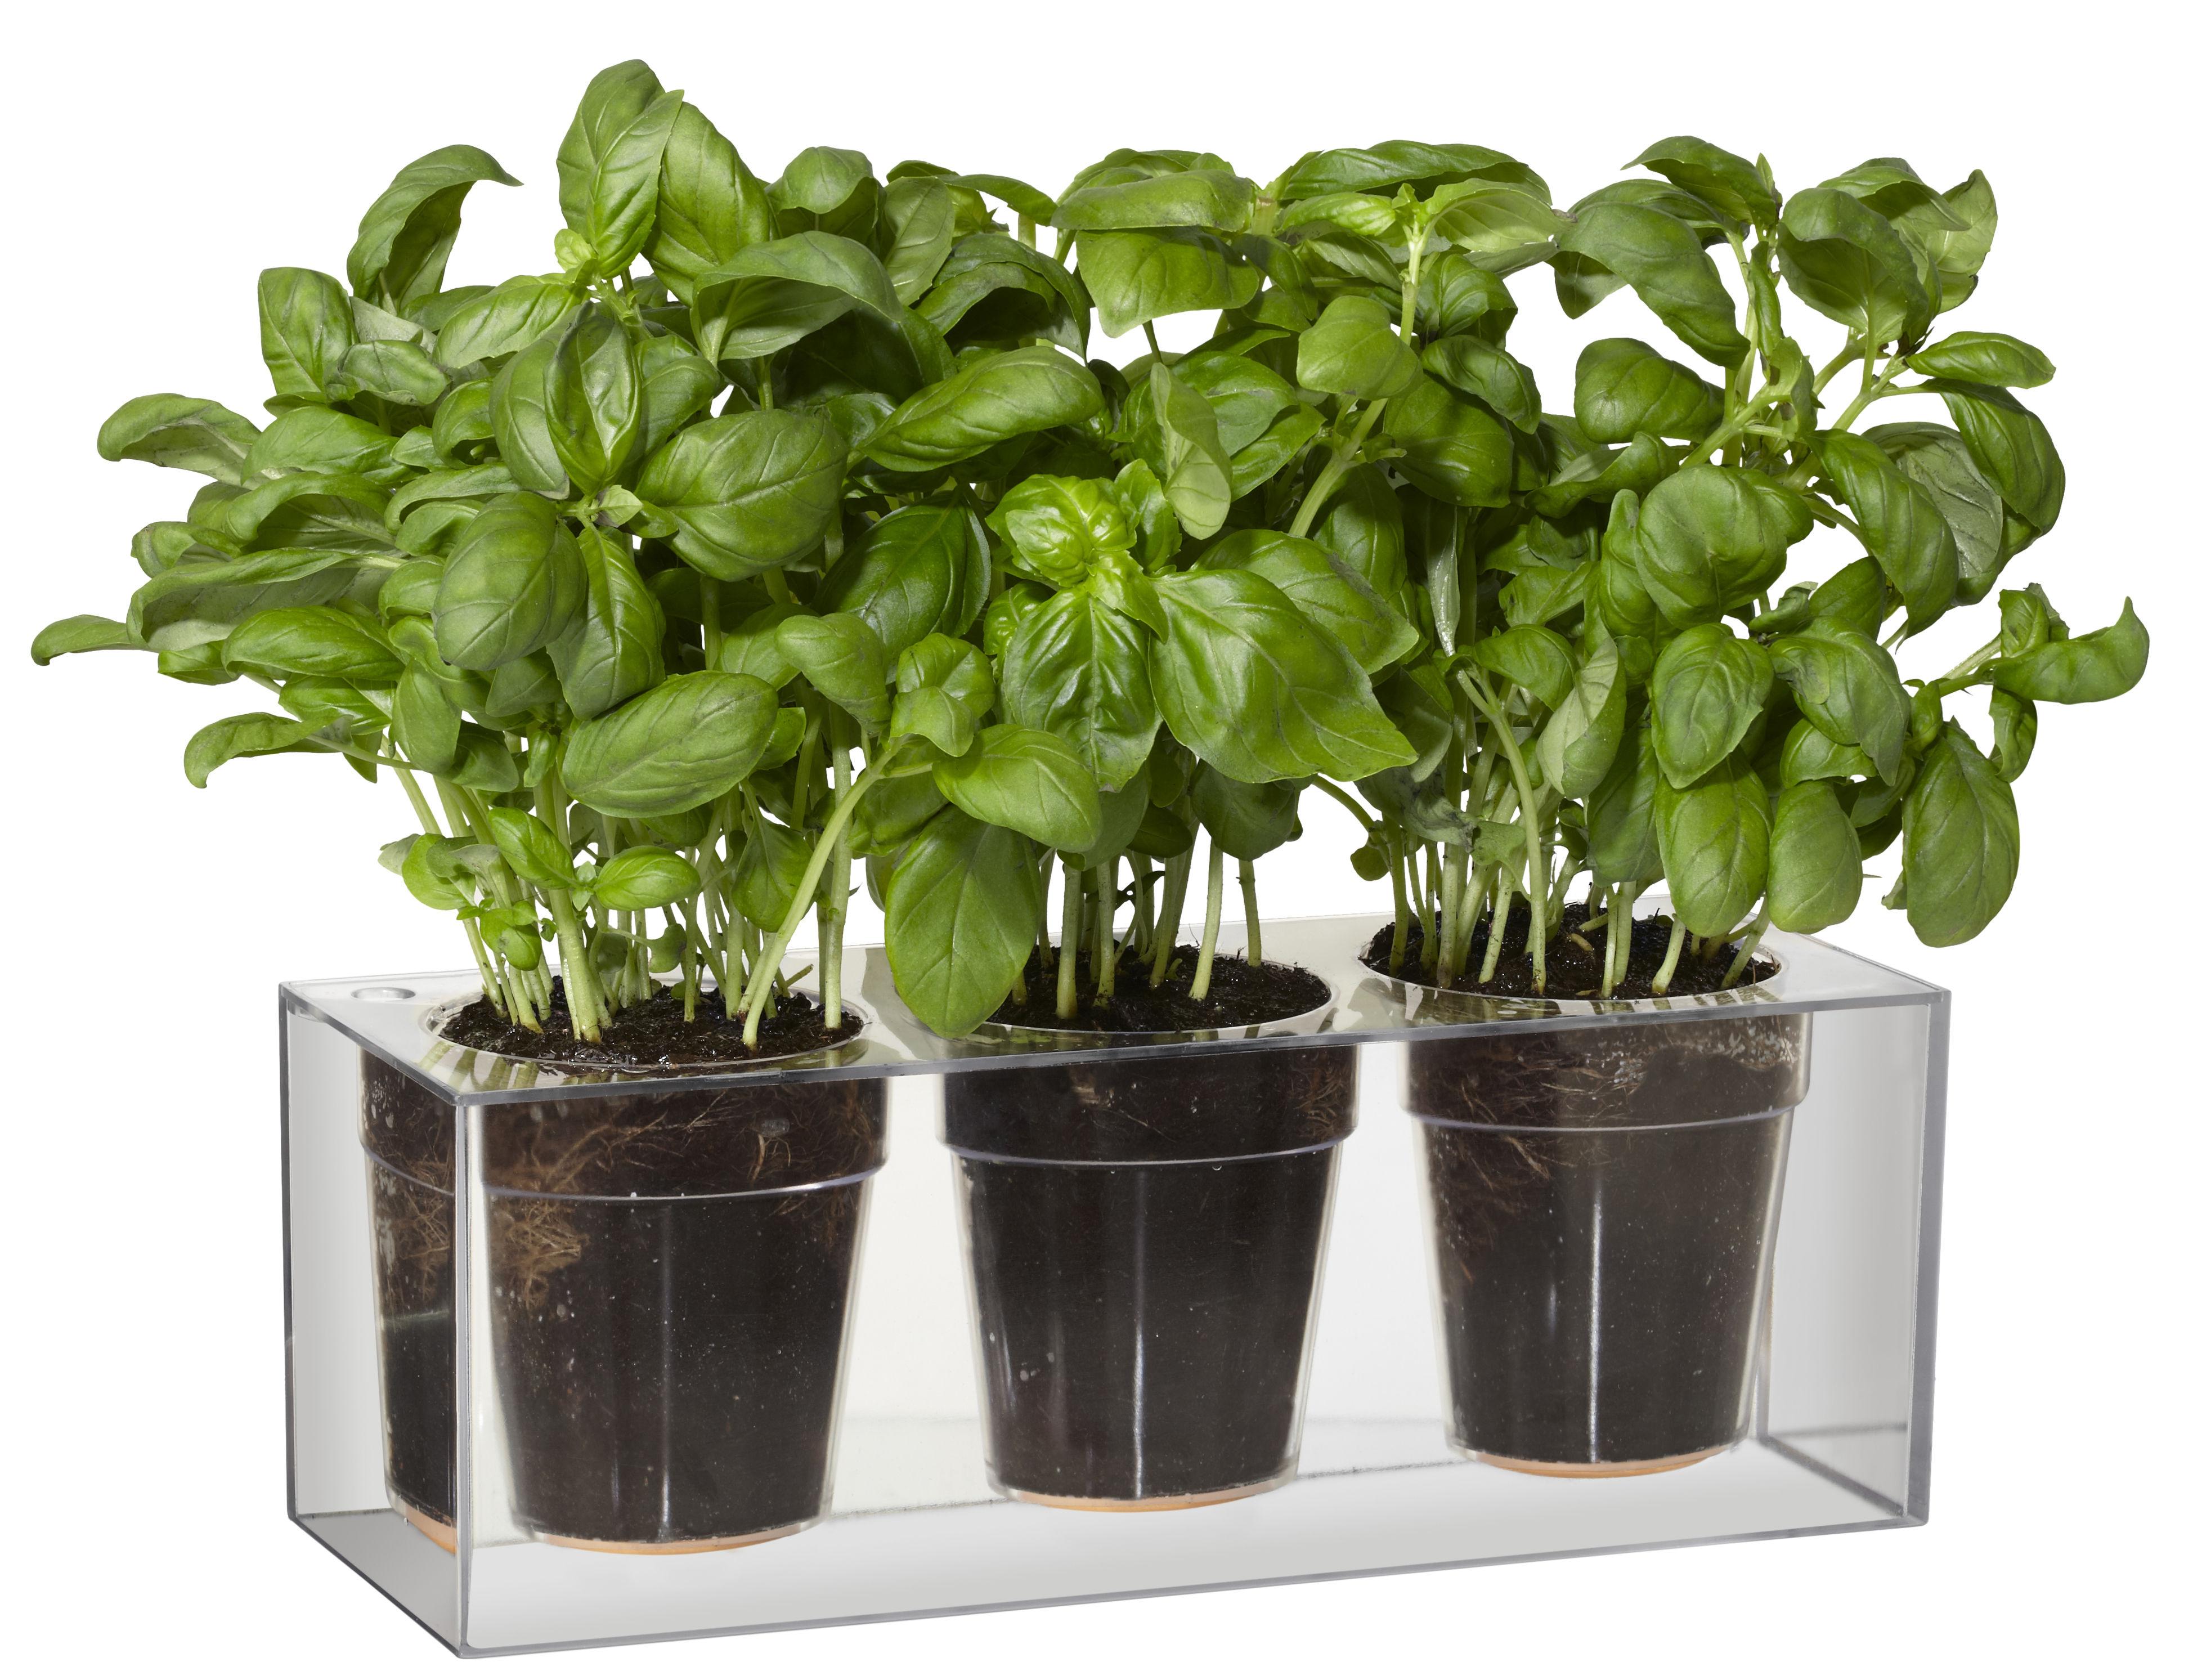 Jardin - Pots et plantes - Jardinière à réserve d'eau Cube / Pour 3 plantes - Boskke - Transparent - Polycarbonate